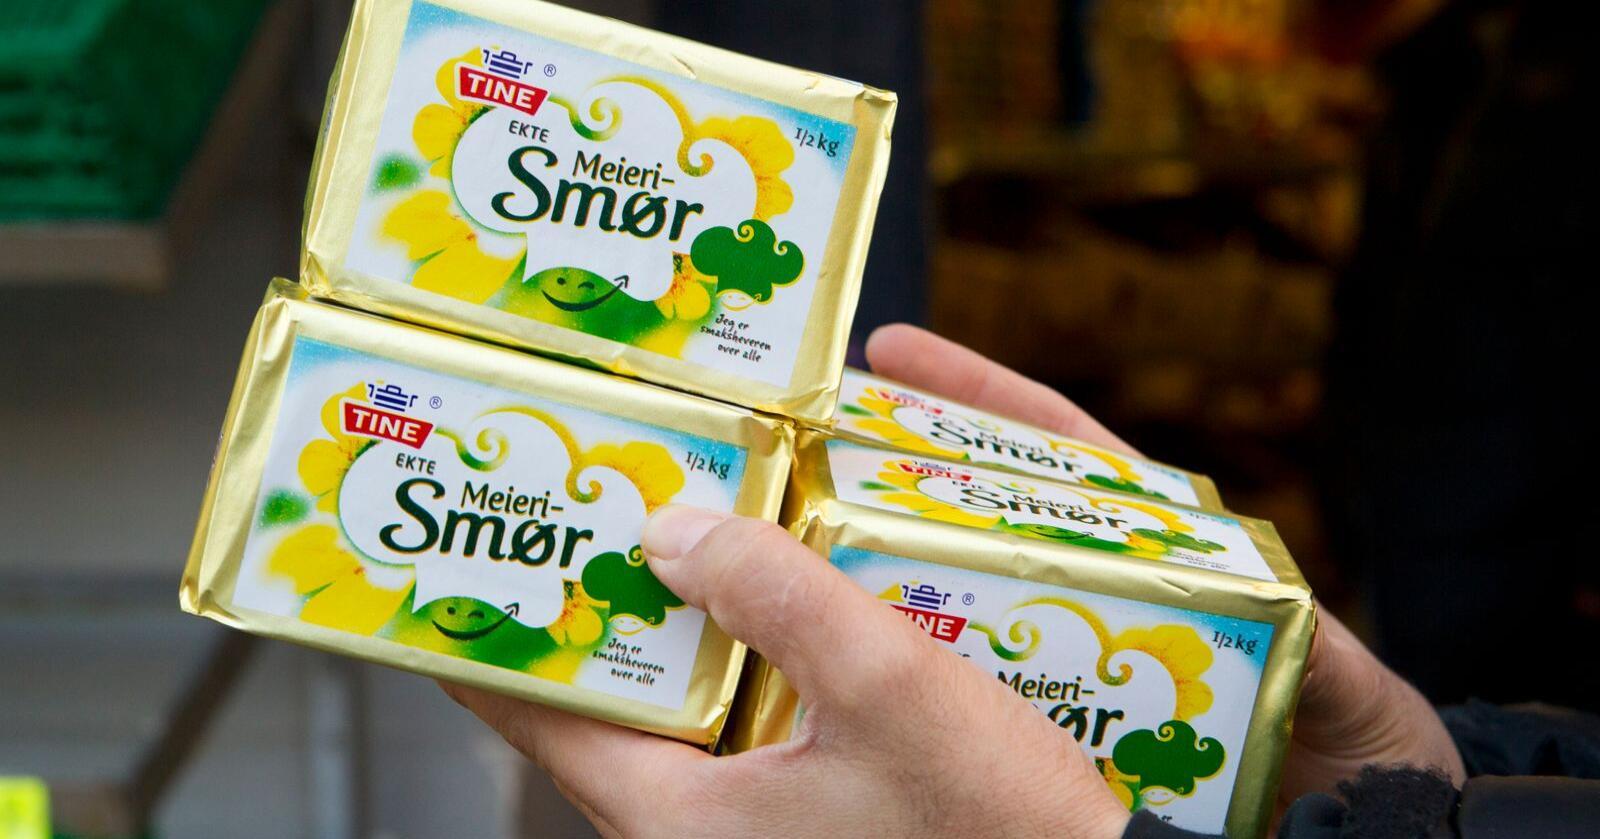 I 2011 hamstret nordmenn smør på grunn av smørmangel. Foto: Heiko Junge / NTB